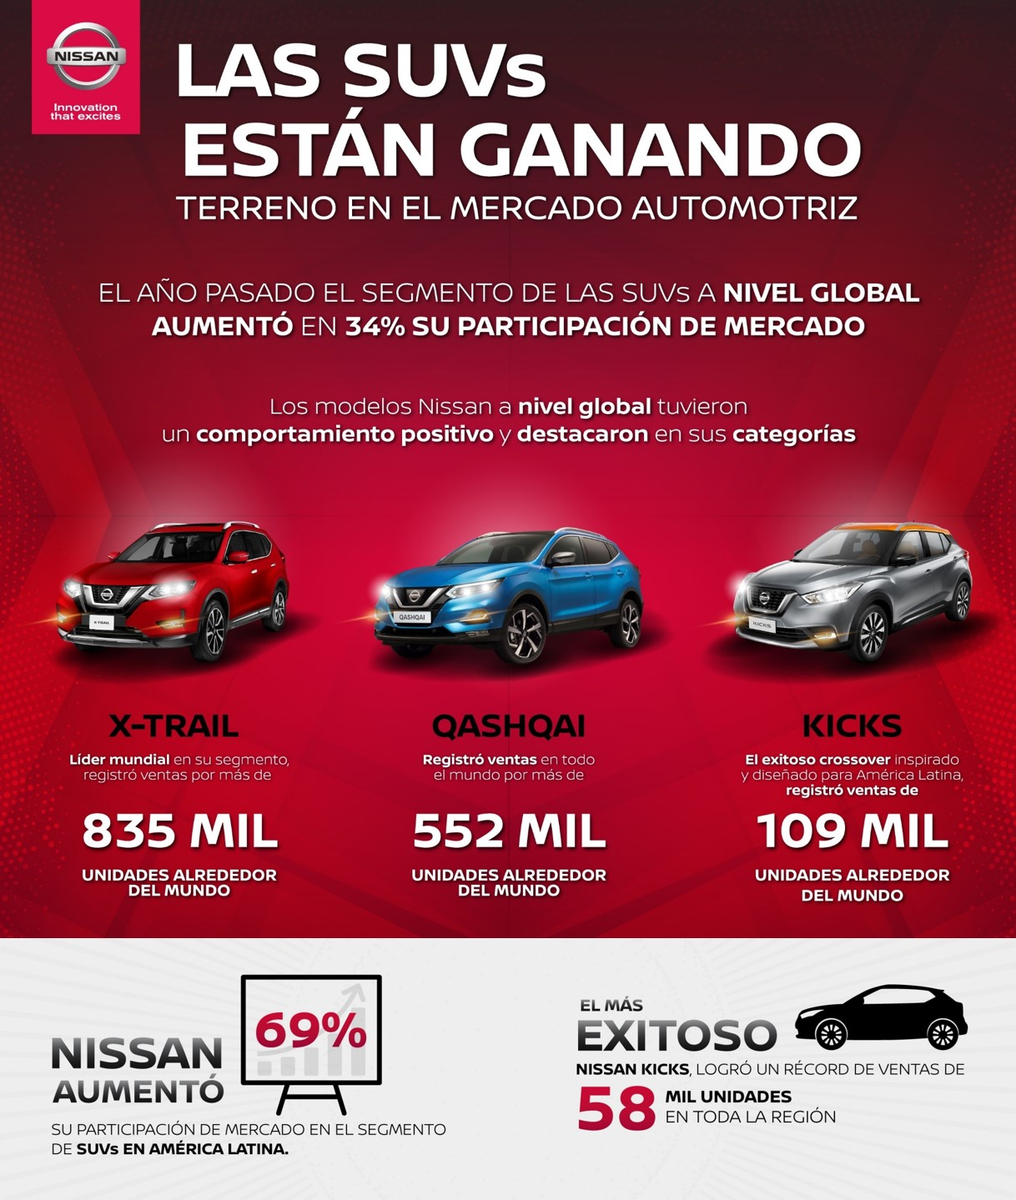 Nissan incrementa 69 por ciento su participación en el segmento